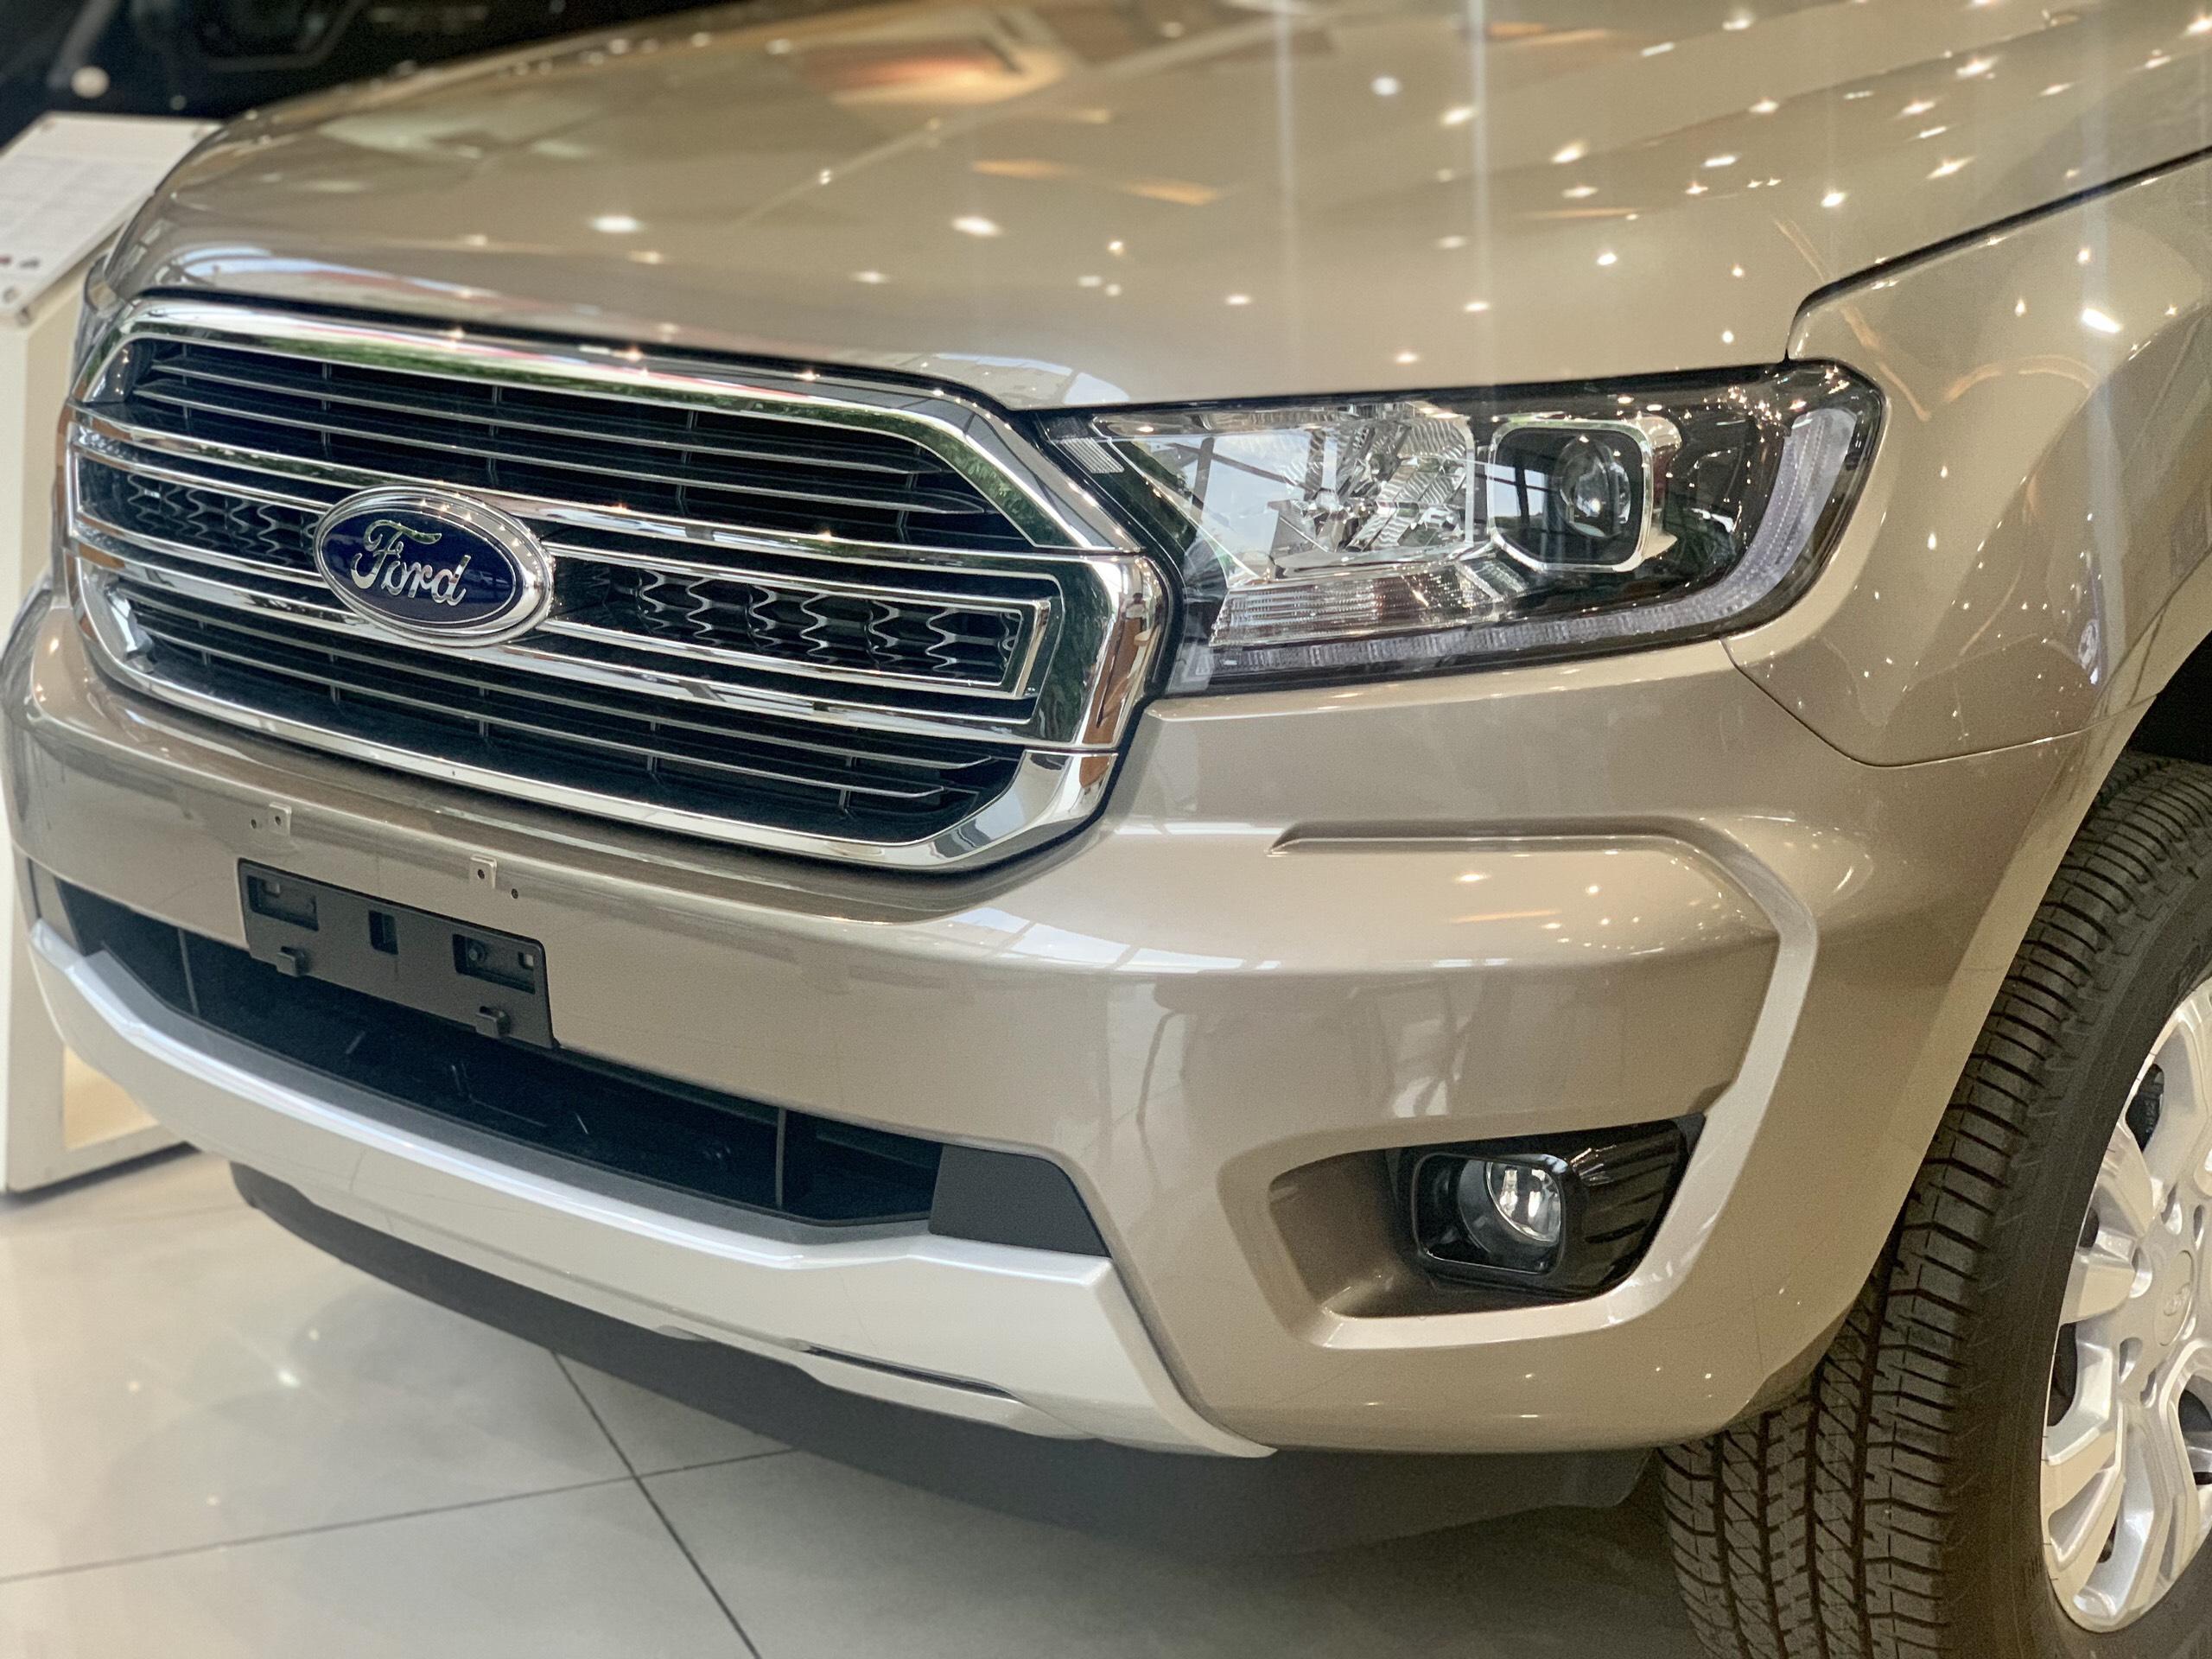 Ford Ranger lắp ráp trong nước giữ nguyên 100% linh kiện nhập khẩu để đảm bảo tính nhất quán toàn cầu về chất lượng